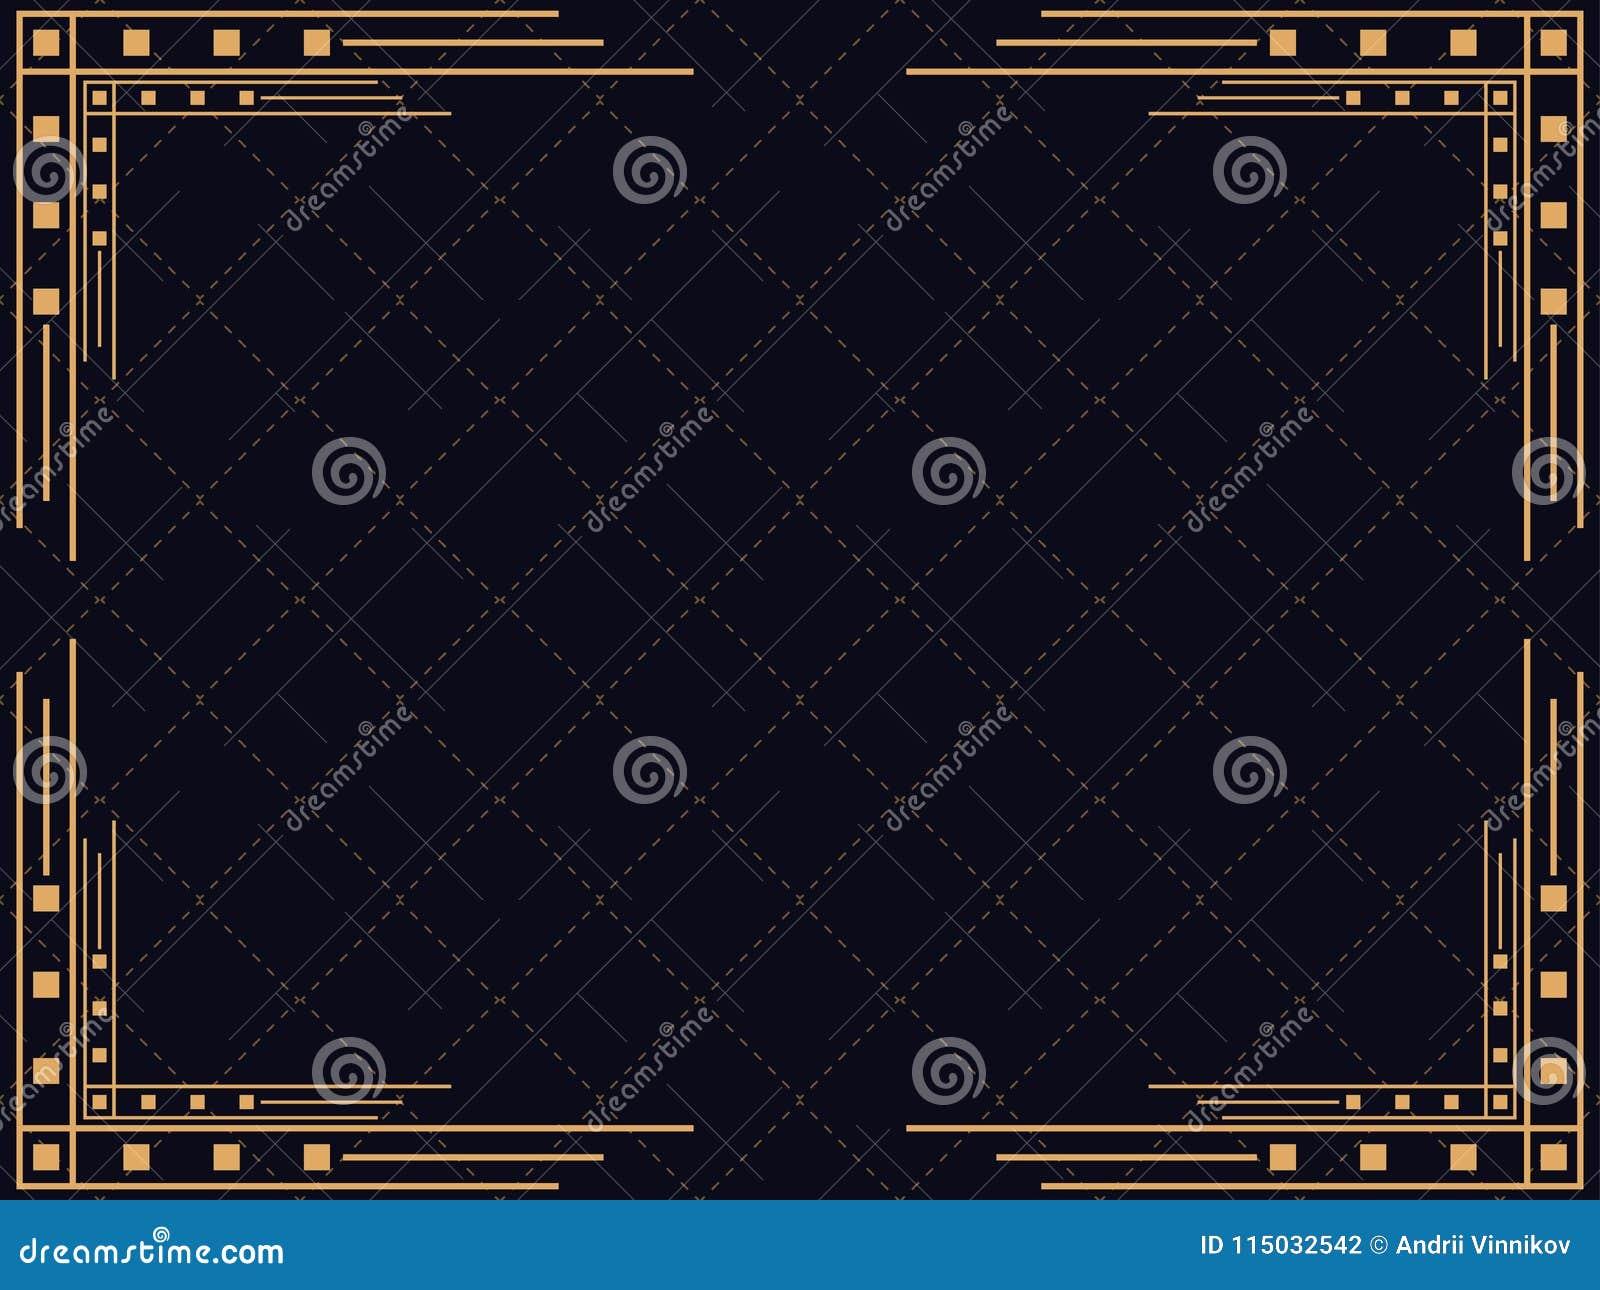 πλαίσιο deco τέχνης Εκλεκτής ποιότητας γραμμικά σύνορα Σχεδιάστε ένα πρότυπο για τις προσκλήσεις, τα φυλλάδια και τις ευχετήριες